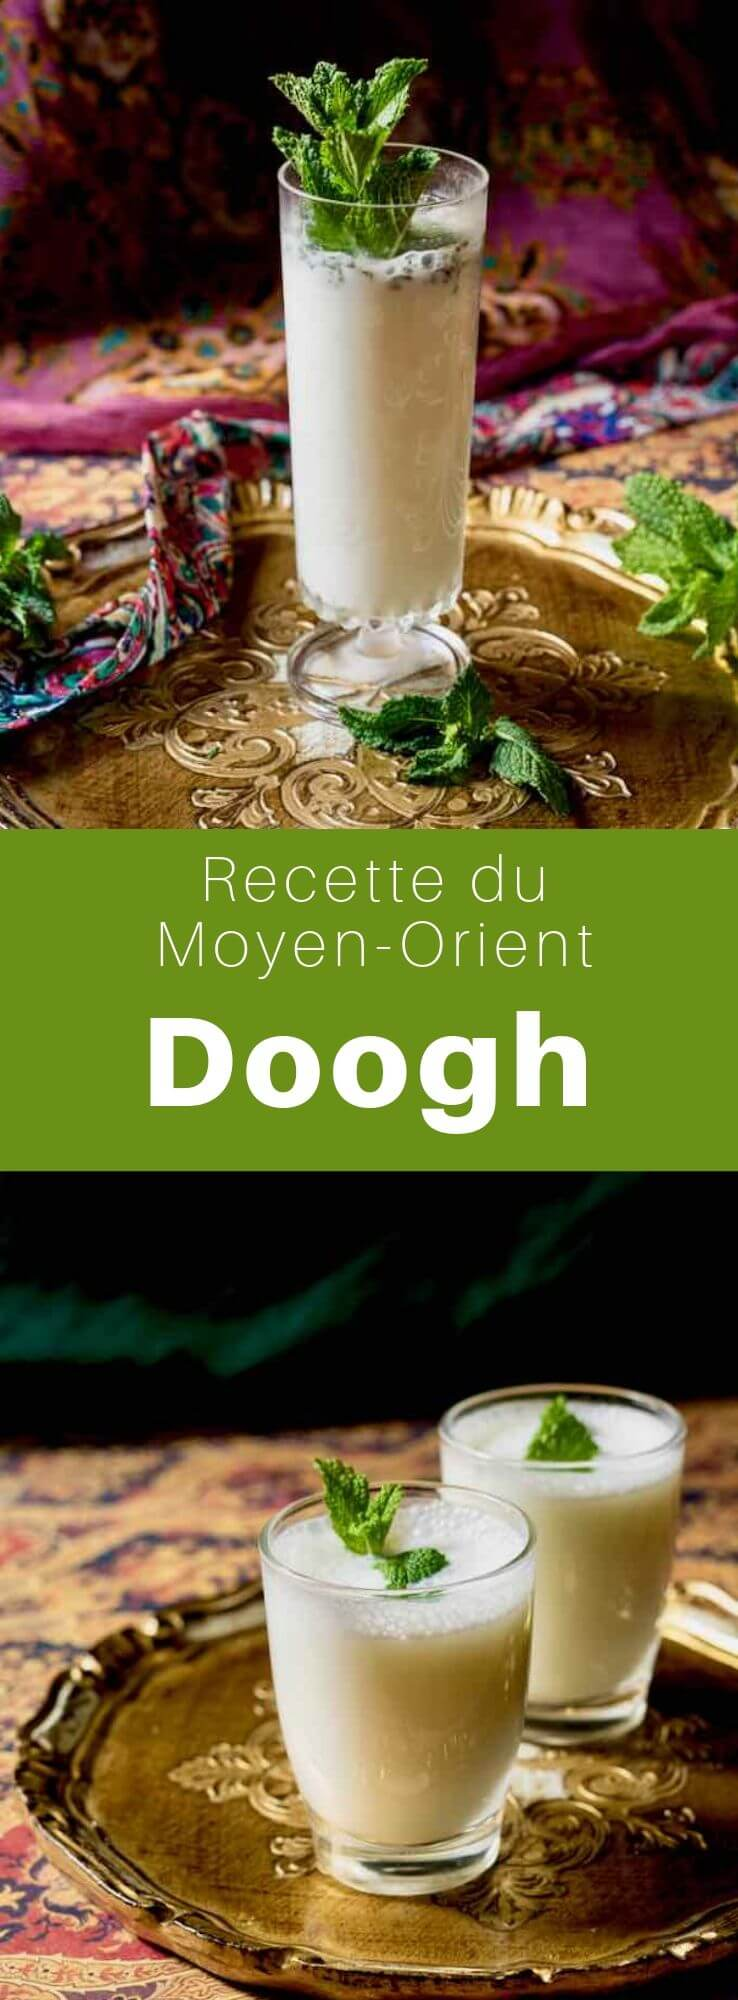 Le doogh appelé également ayran ou tan est une boisson salée au yaourt de chèvre ou de brebis populaire surtout en Syrie, au Liban et en Turquie. #CuisineSyrienne #RecetteSyrienne #Syrie #CuisineMoyenOrientale #MoyenOrient #CuisineArabe #RecetteArabe #CuisineDuMonde #196flavors